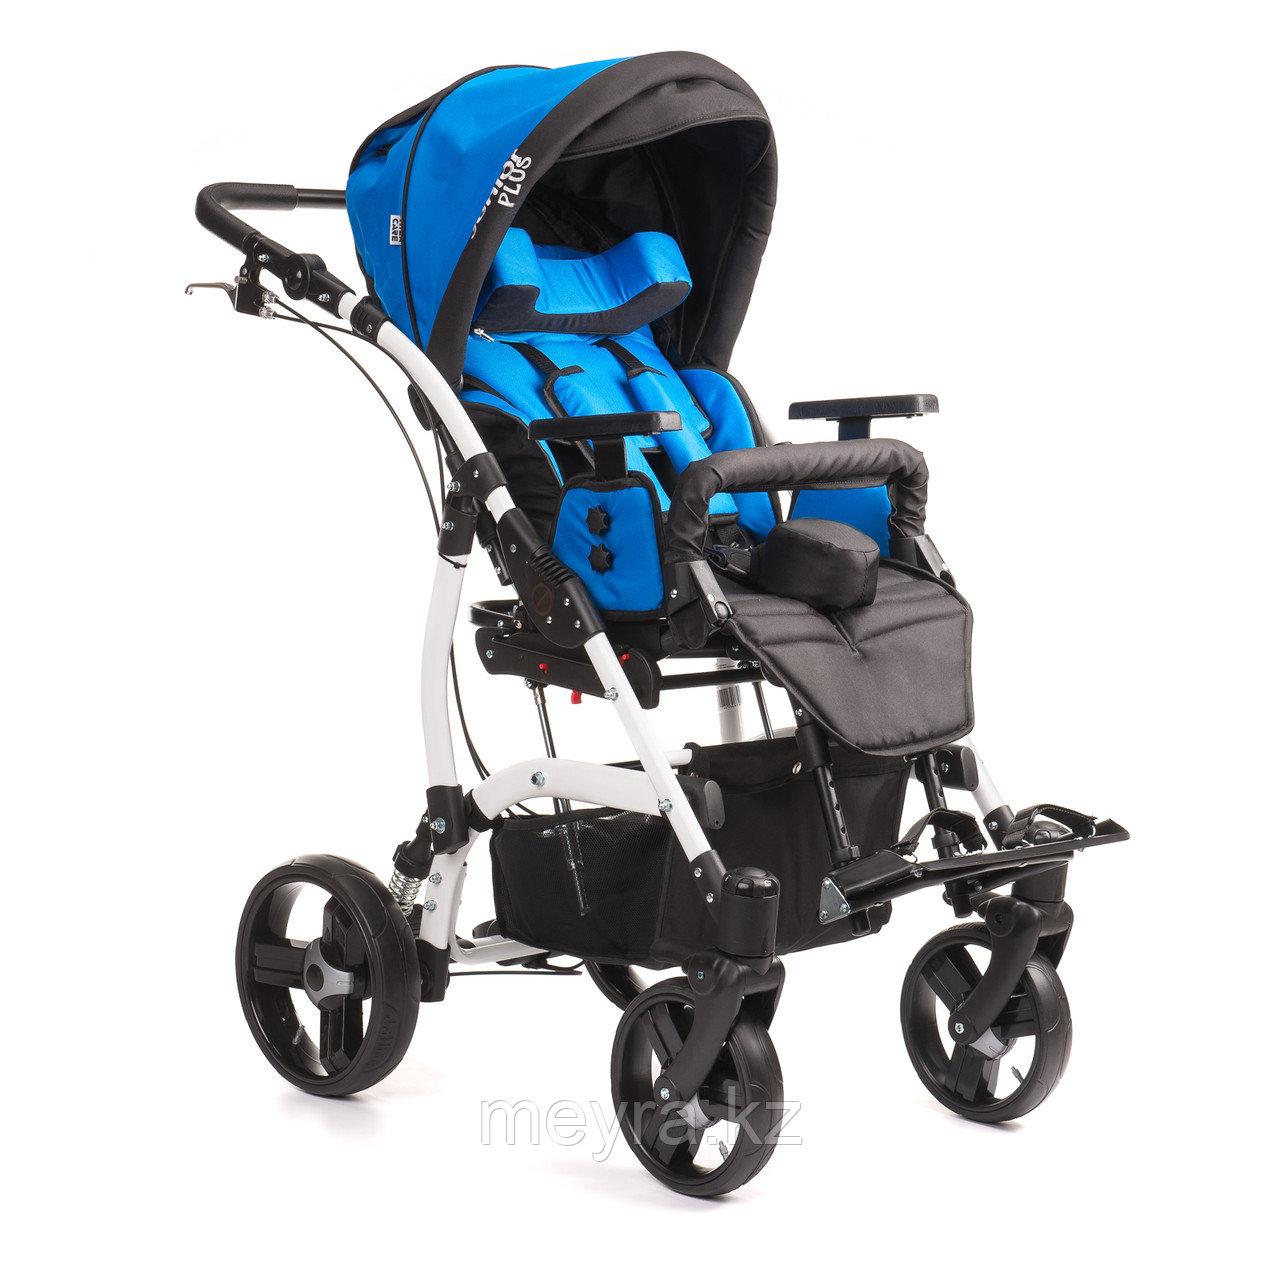 Детская инвалидная кресло-коляска JUNIOR PLUS, размер 2, прогулочная